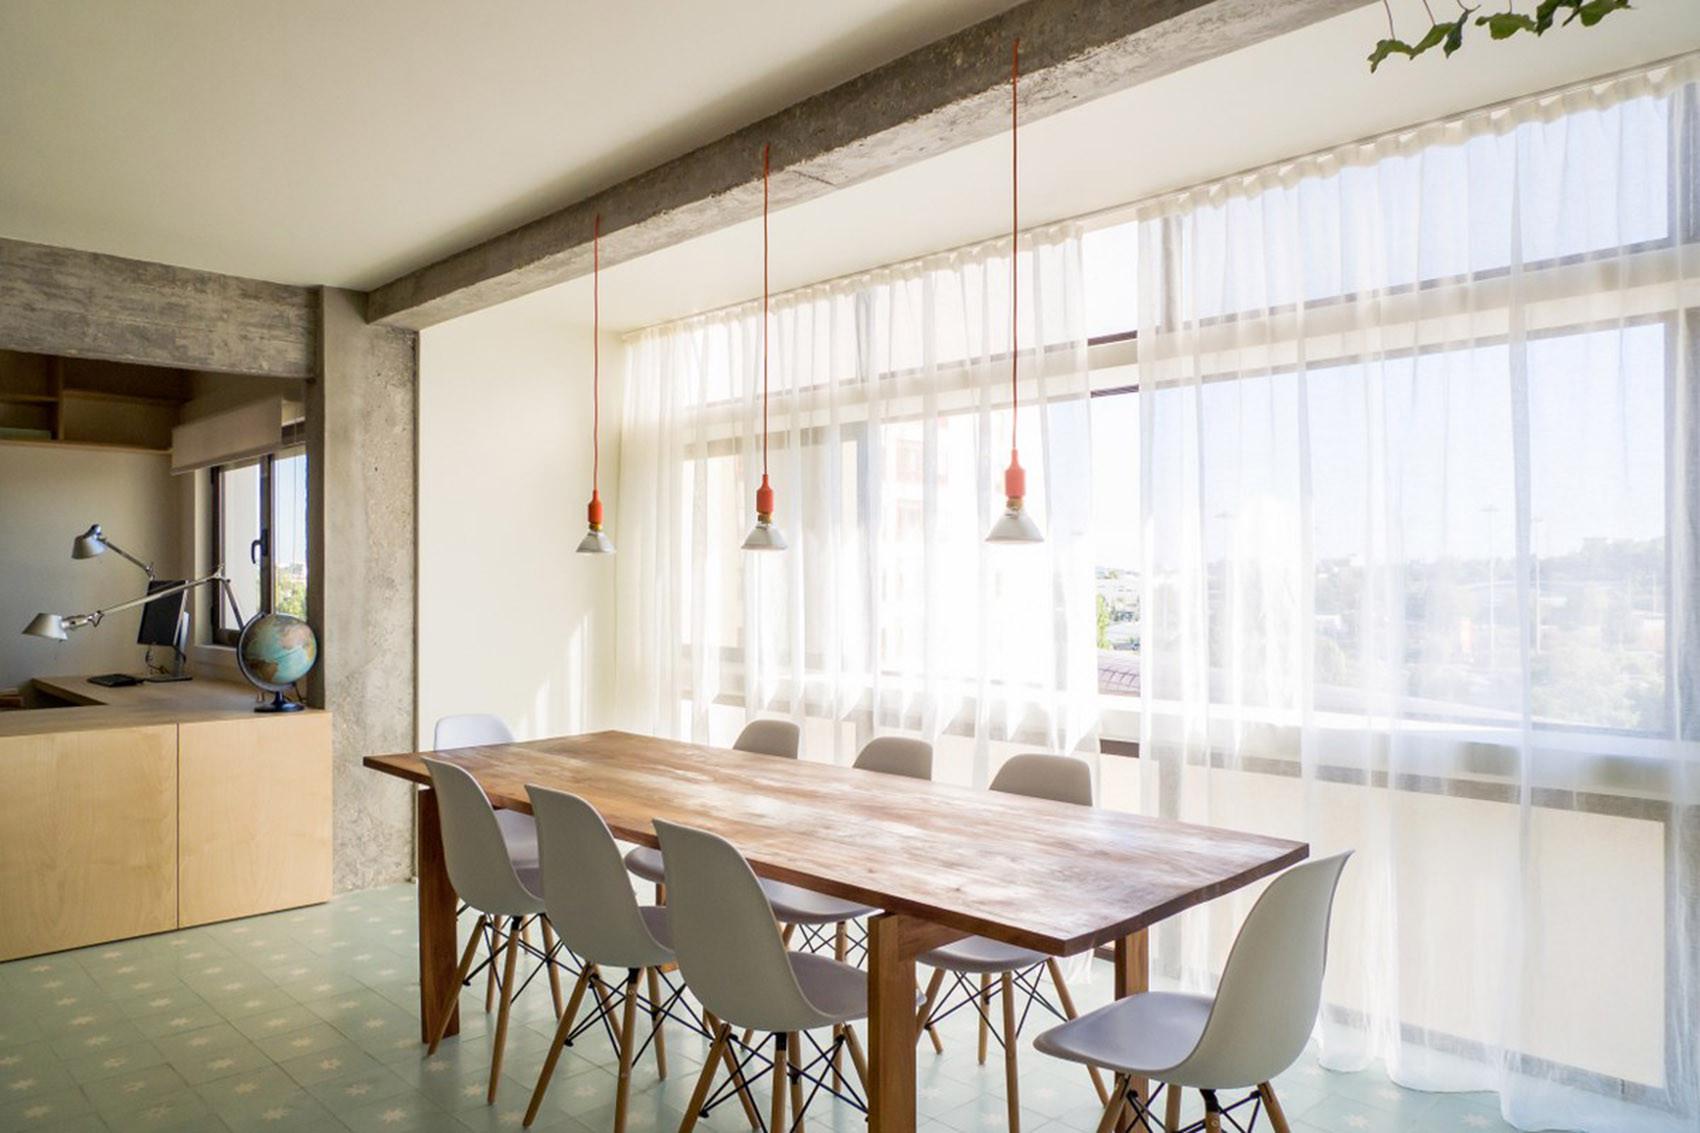 公寓简约装修餐桌椅图片